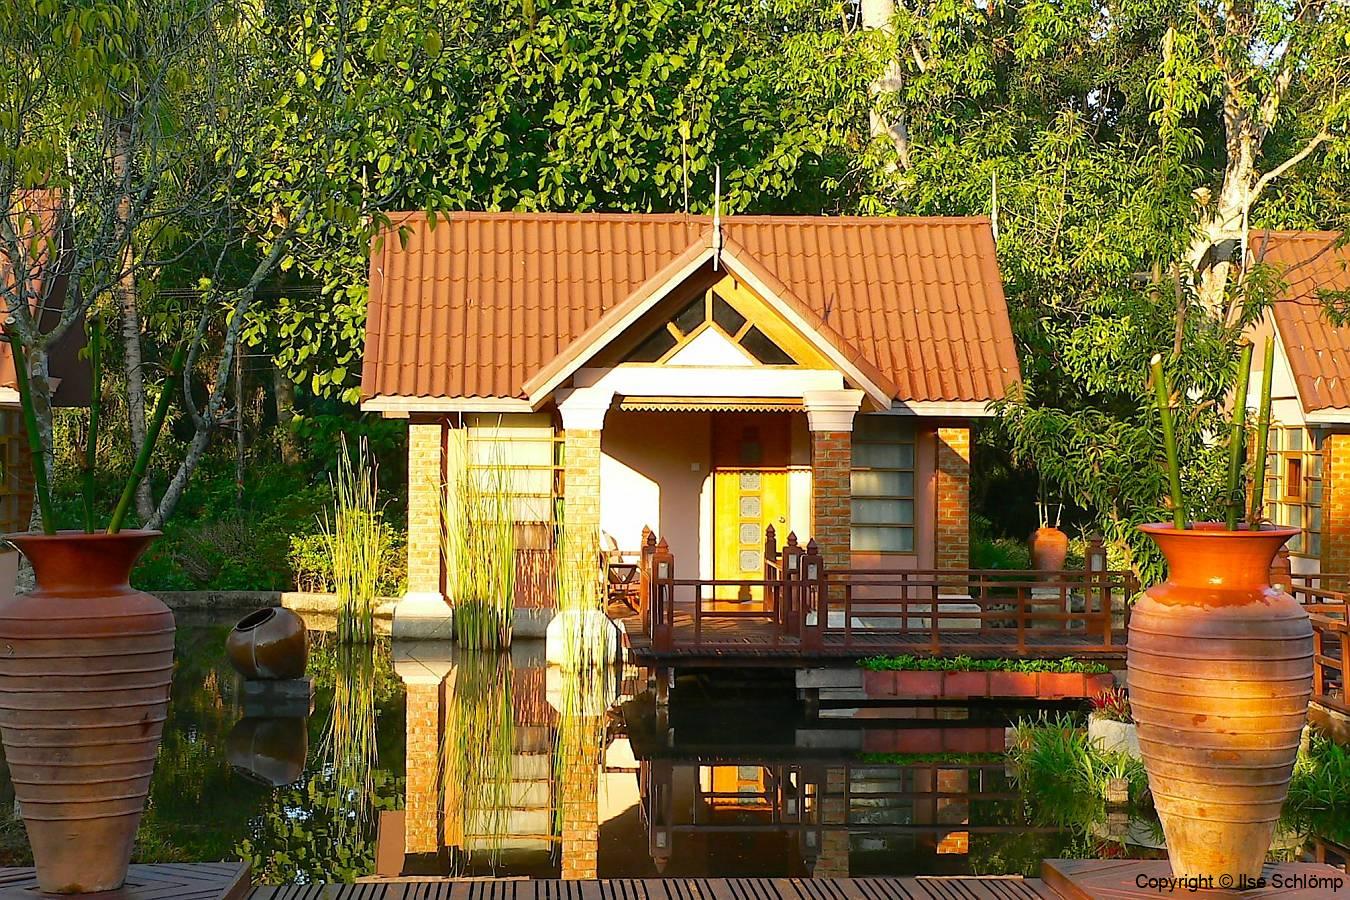 Myanmar, Pyay, Mingalar Garden Resort